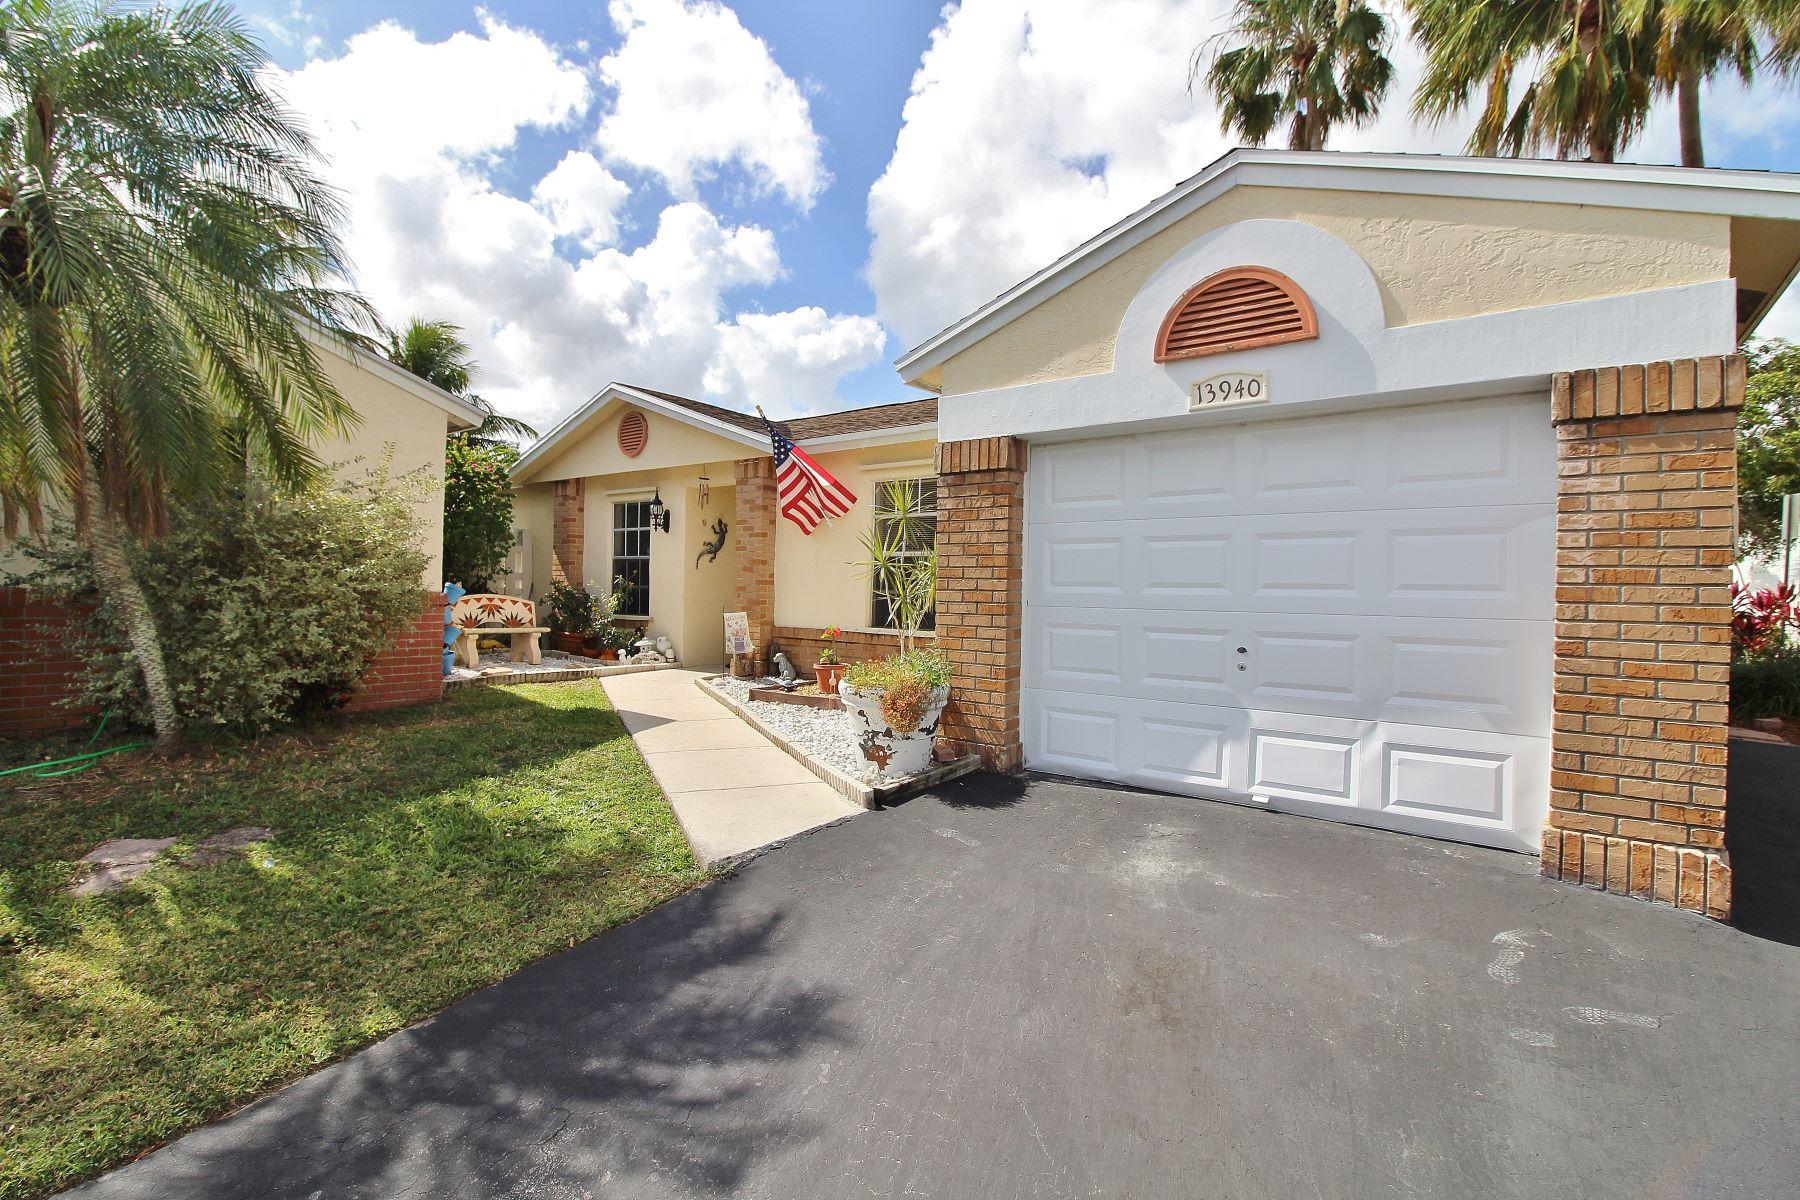 Maison unifamiliale pour l à vendre à 13940 Langley Pl Davie, Florida, 33325 États-Unis